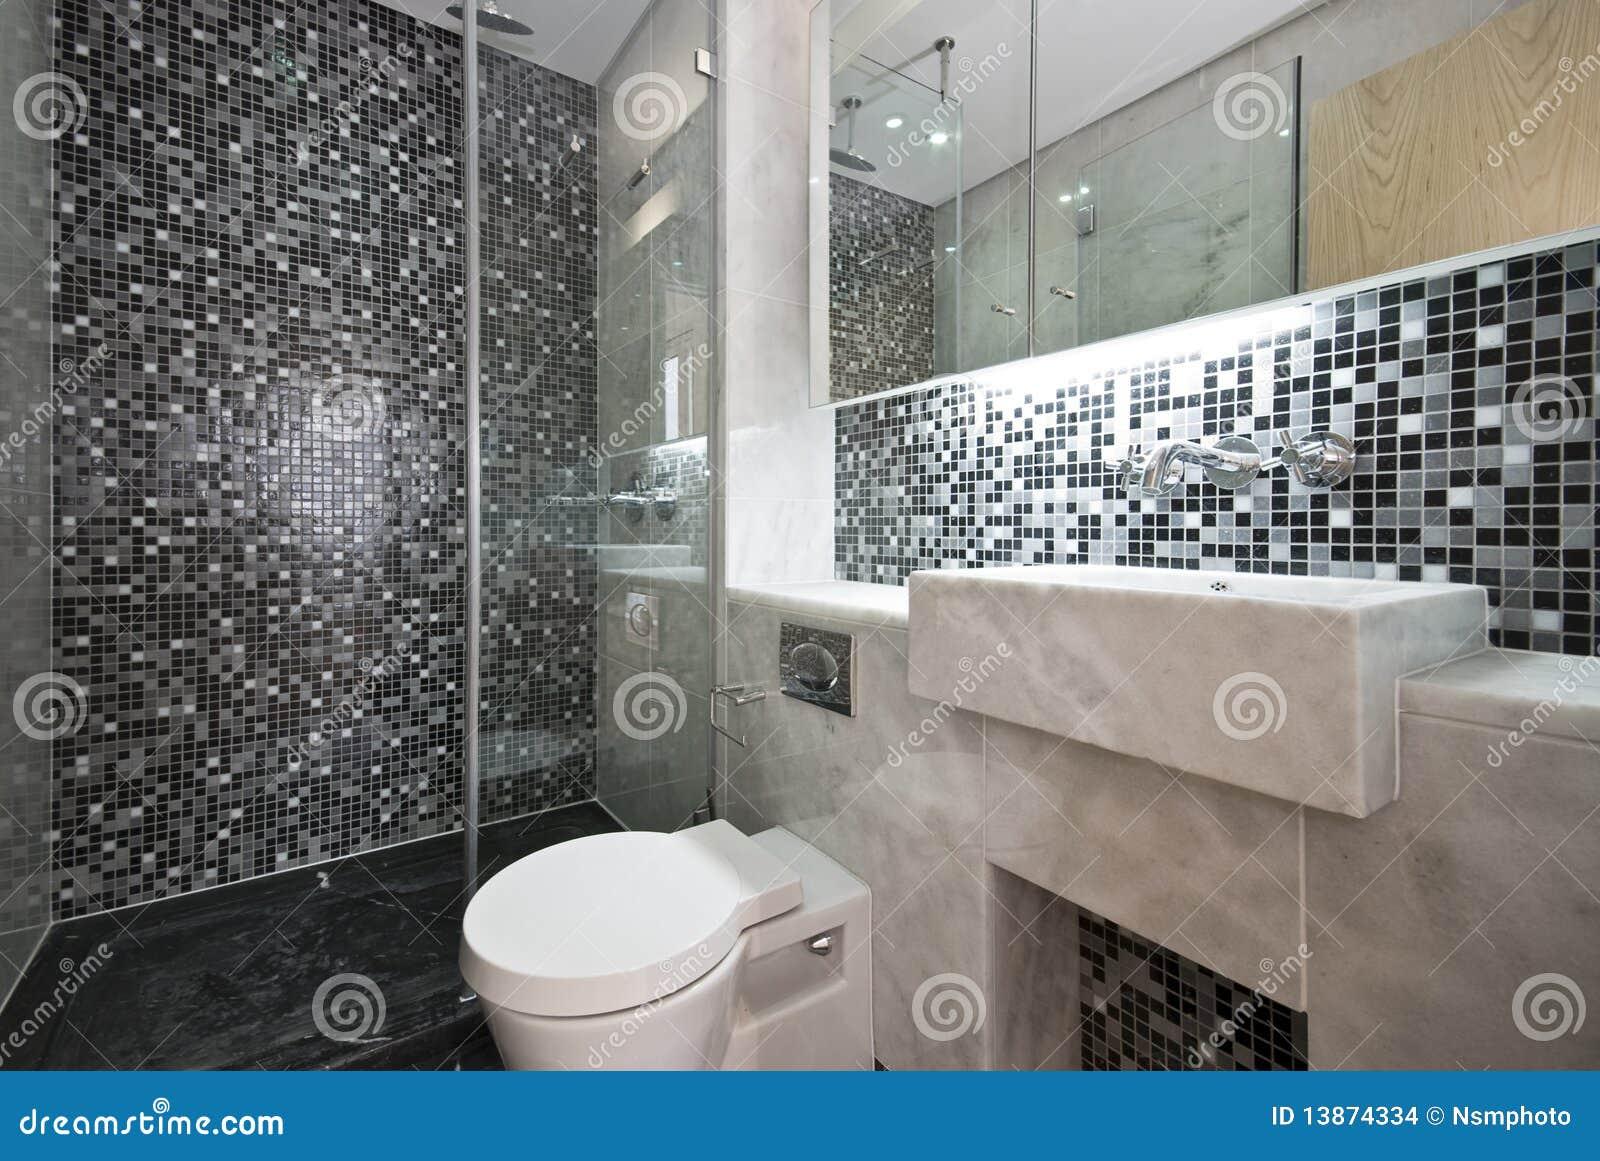 Bagno Con Mosaico Nero : Stanza da bagno lussuosa in in bianco e nero fotografia stock